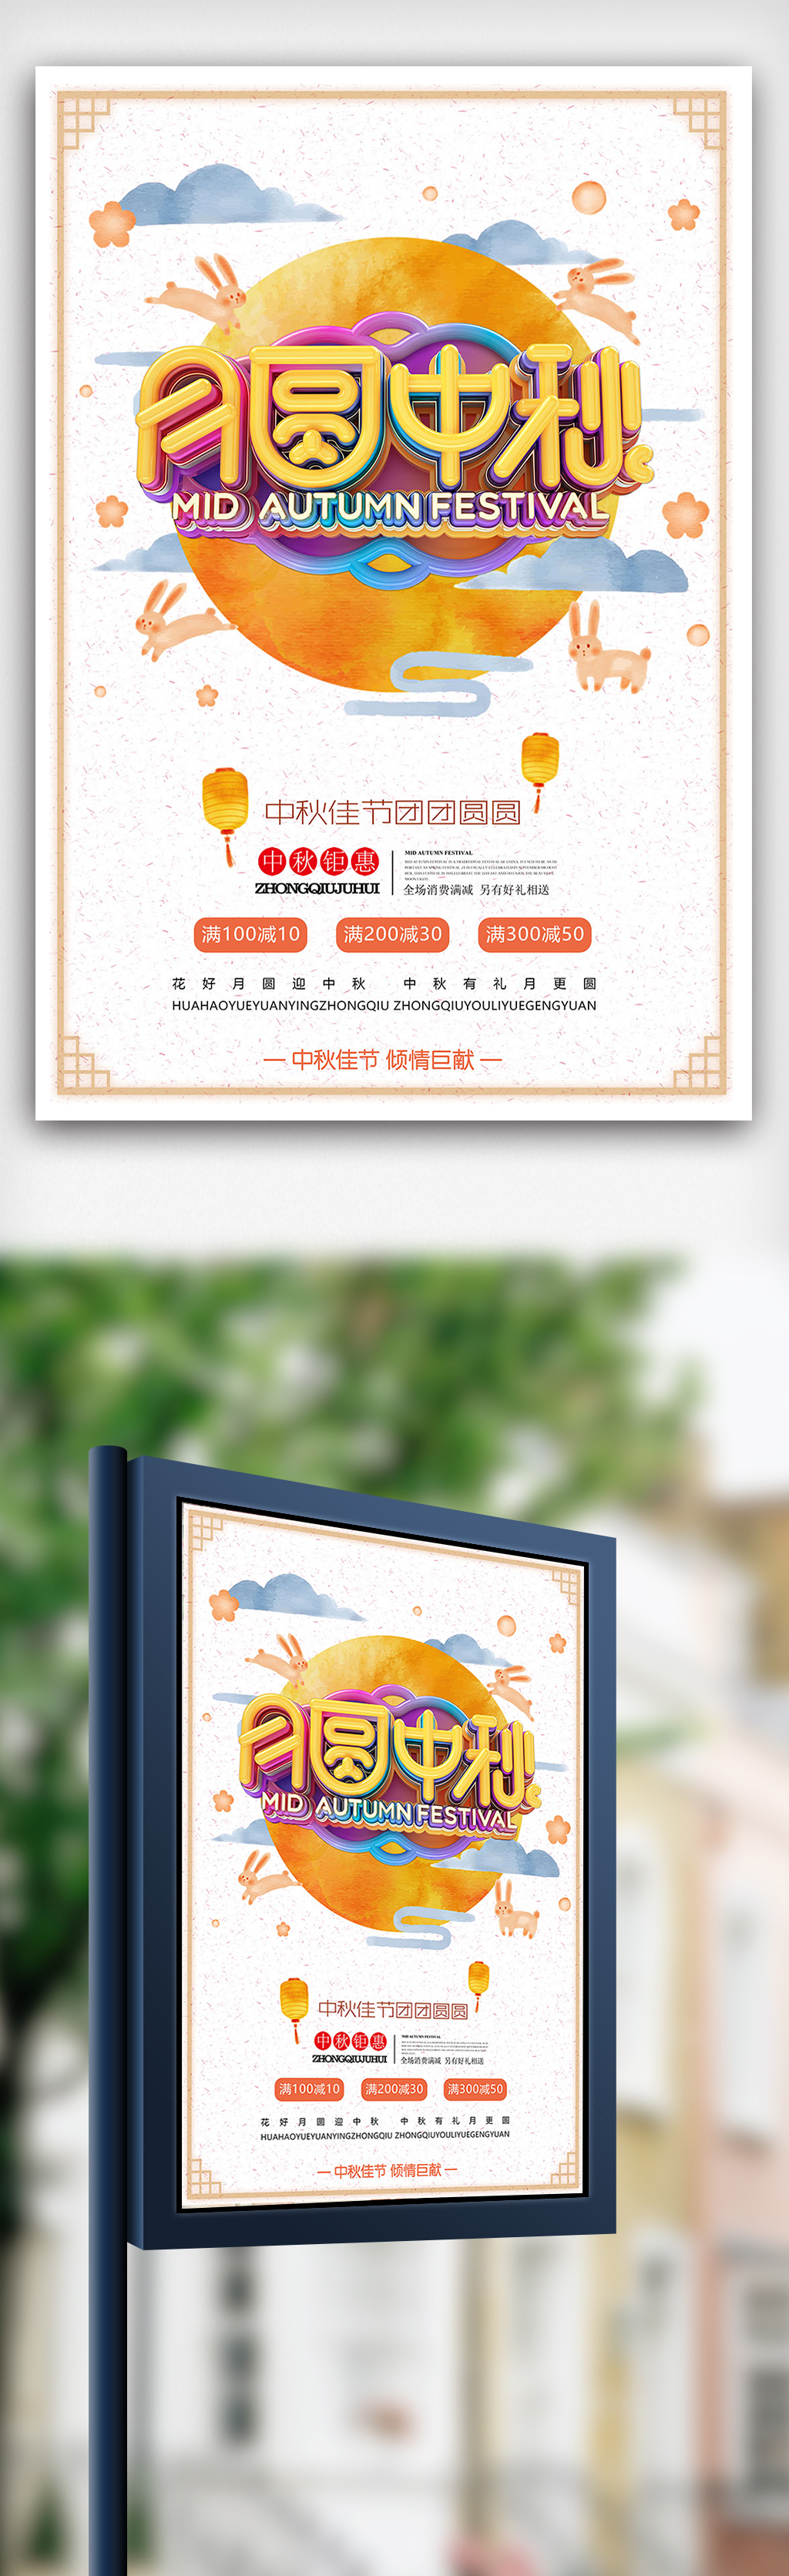 月圆中秋手绘中秋节pop海报